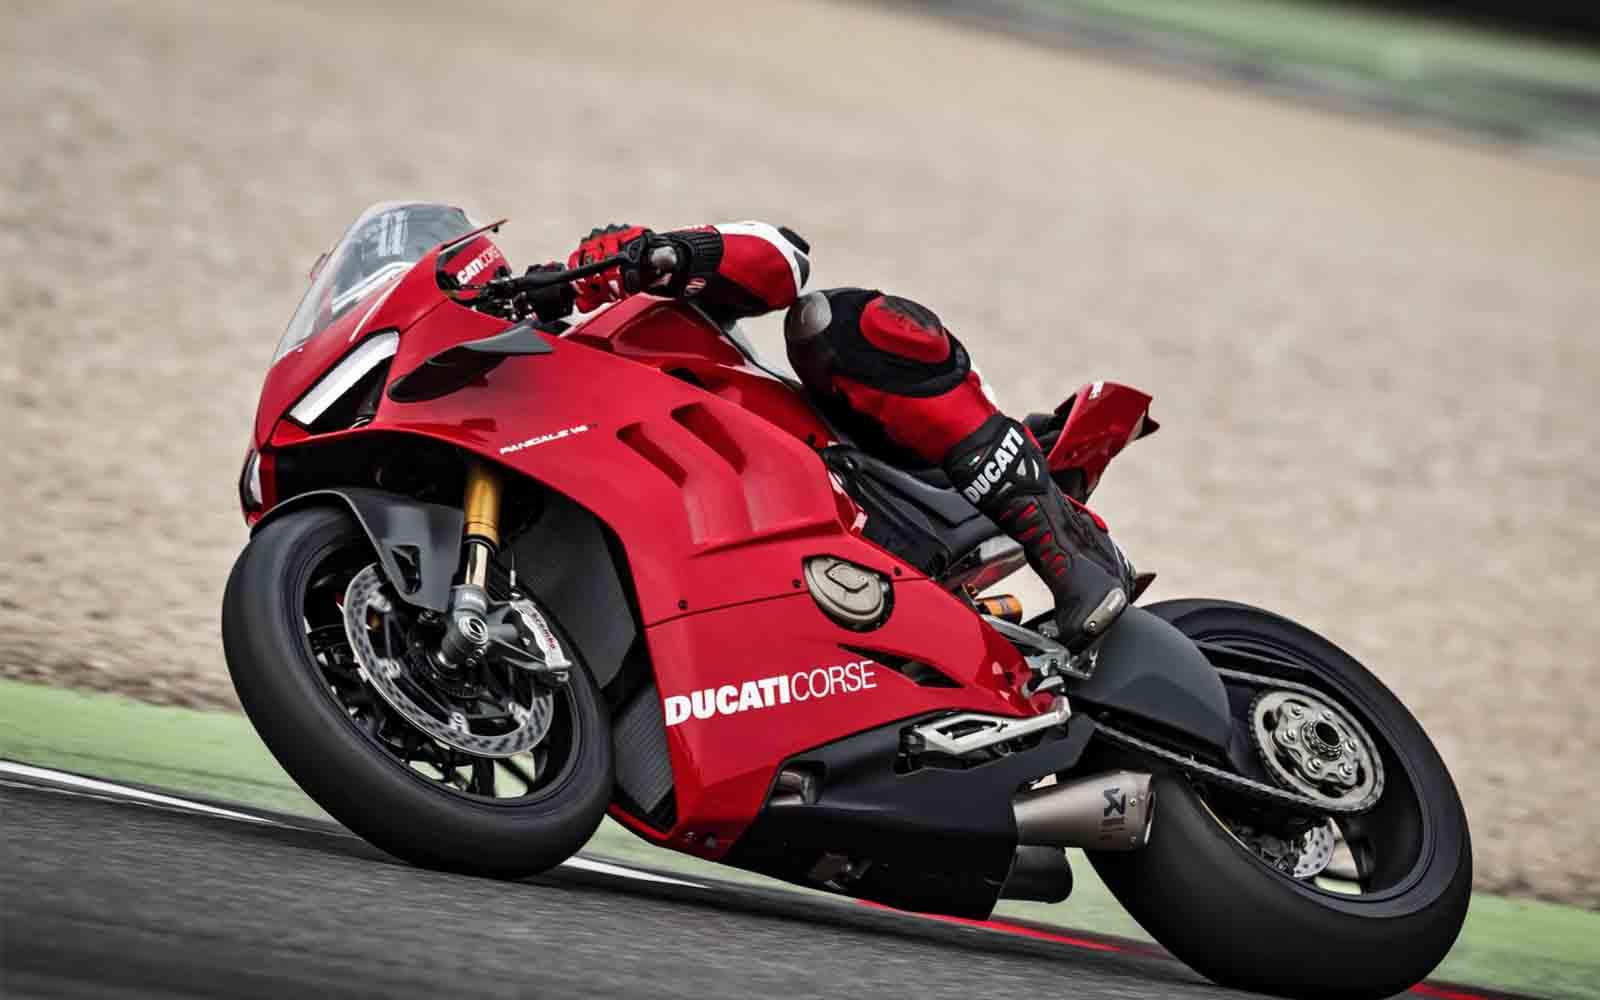 Ducati-Panigale V4R-04-boatshopping